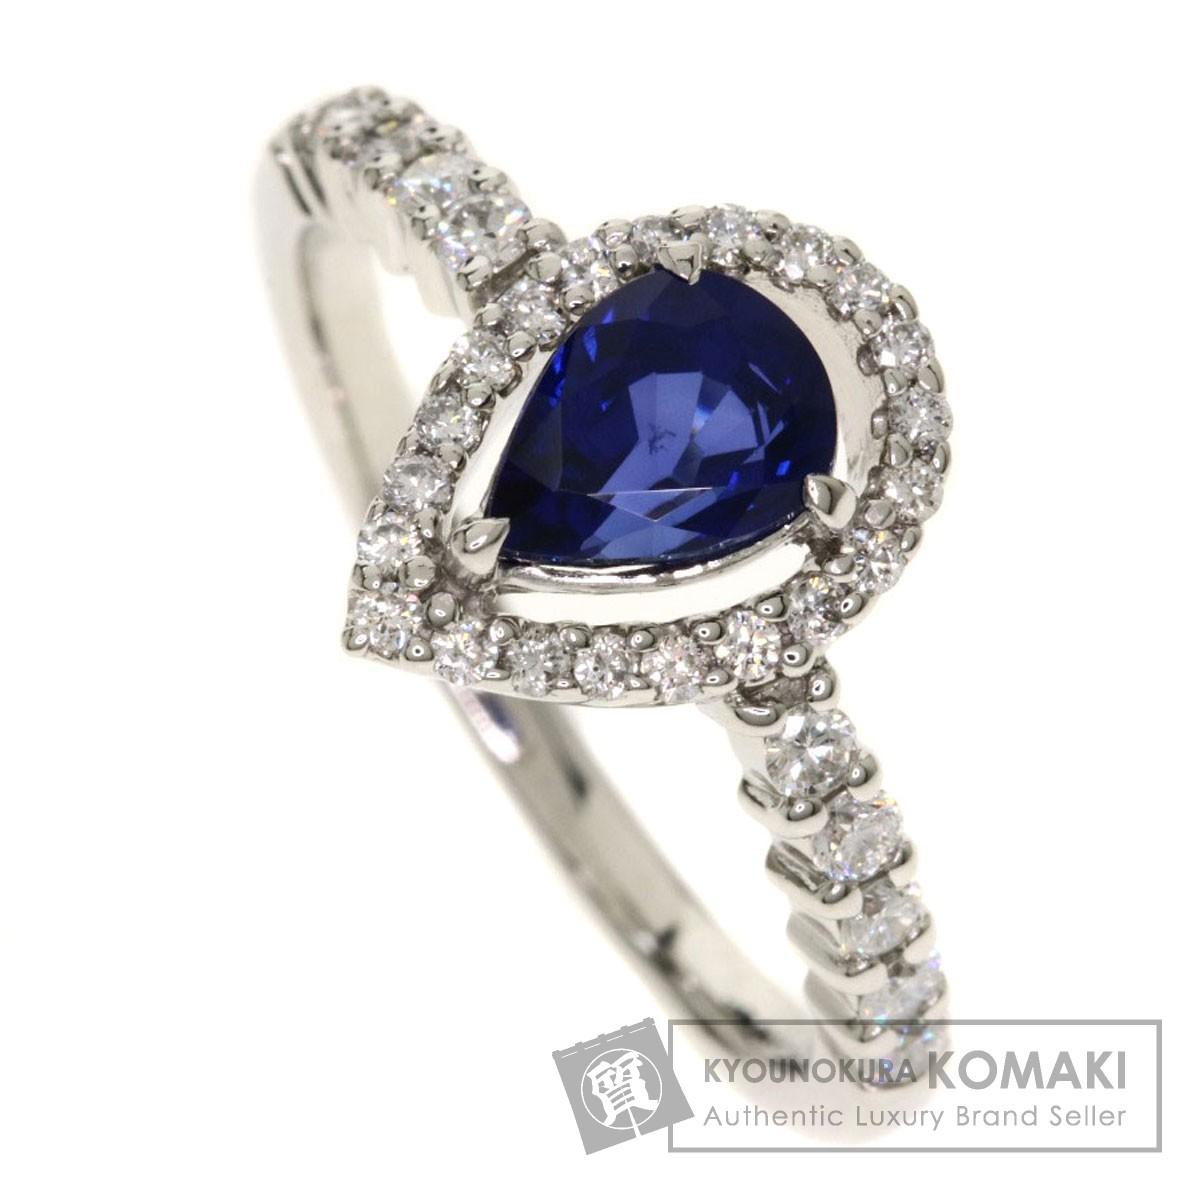 1.095ct サファイア/ダイヤモンド/しずくモチーフ リング・指輪 プラチナPT900 4.4g レディース 【中古】